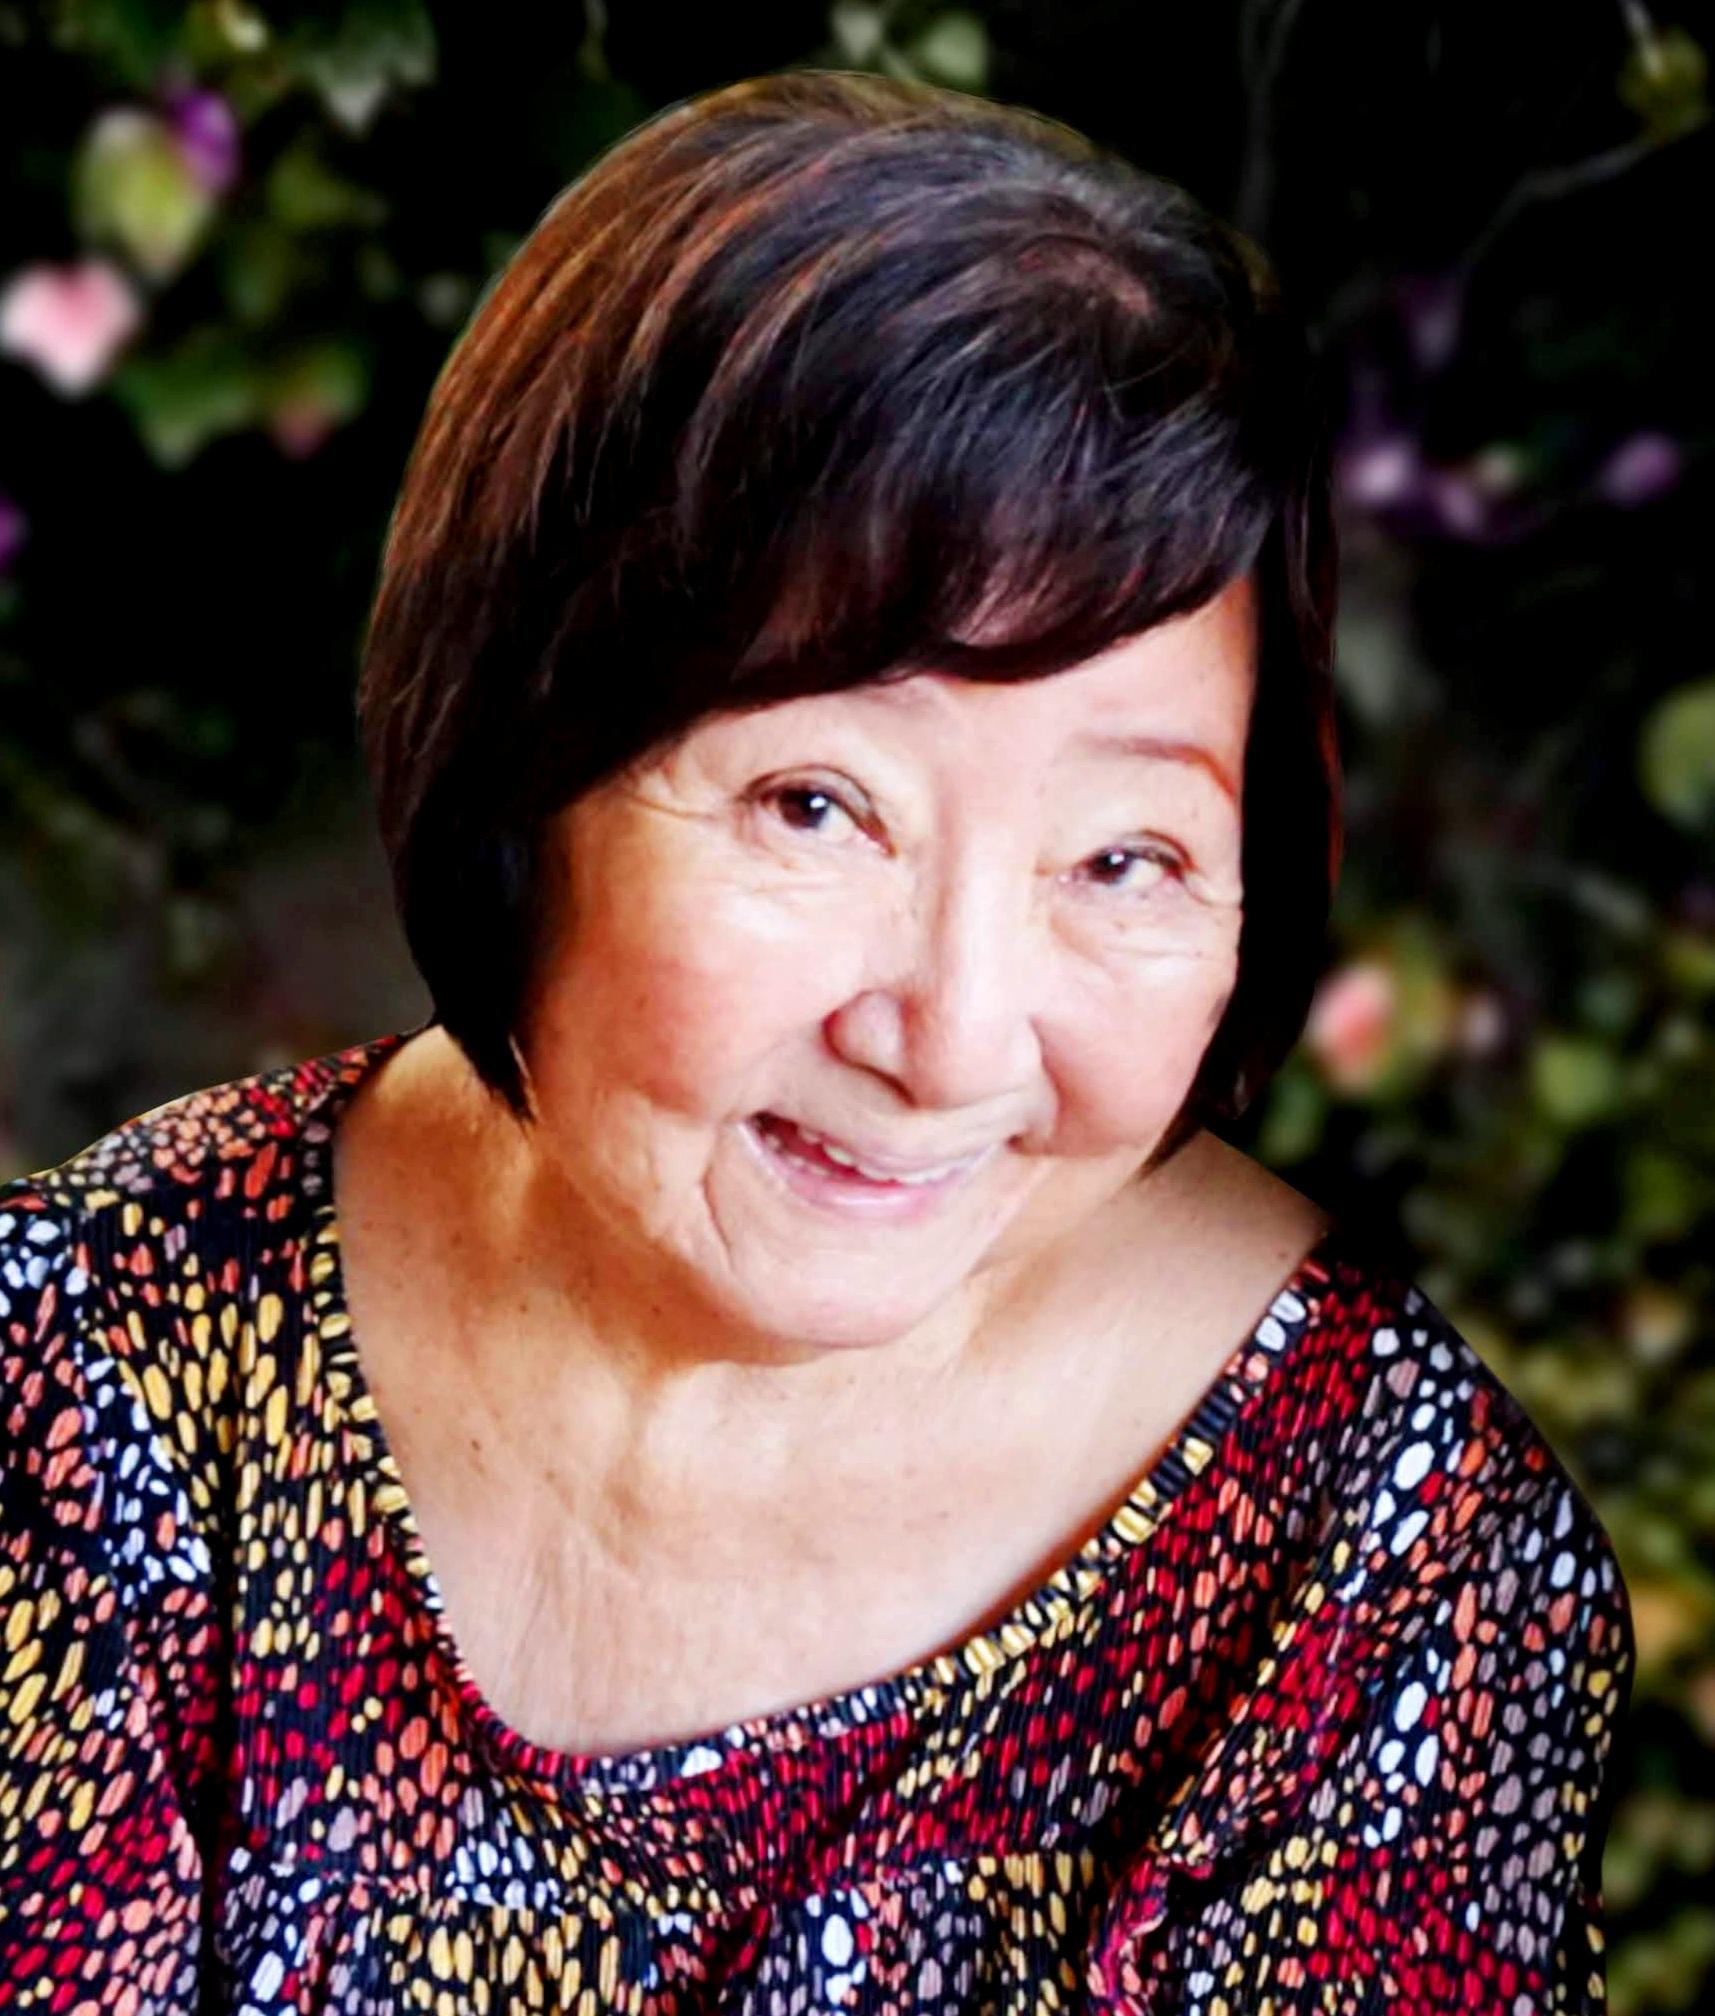 SHIRLEY SACHIKO YONEMURA